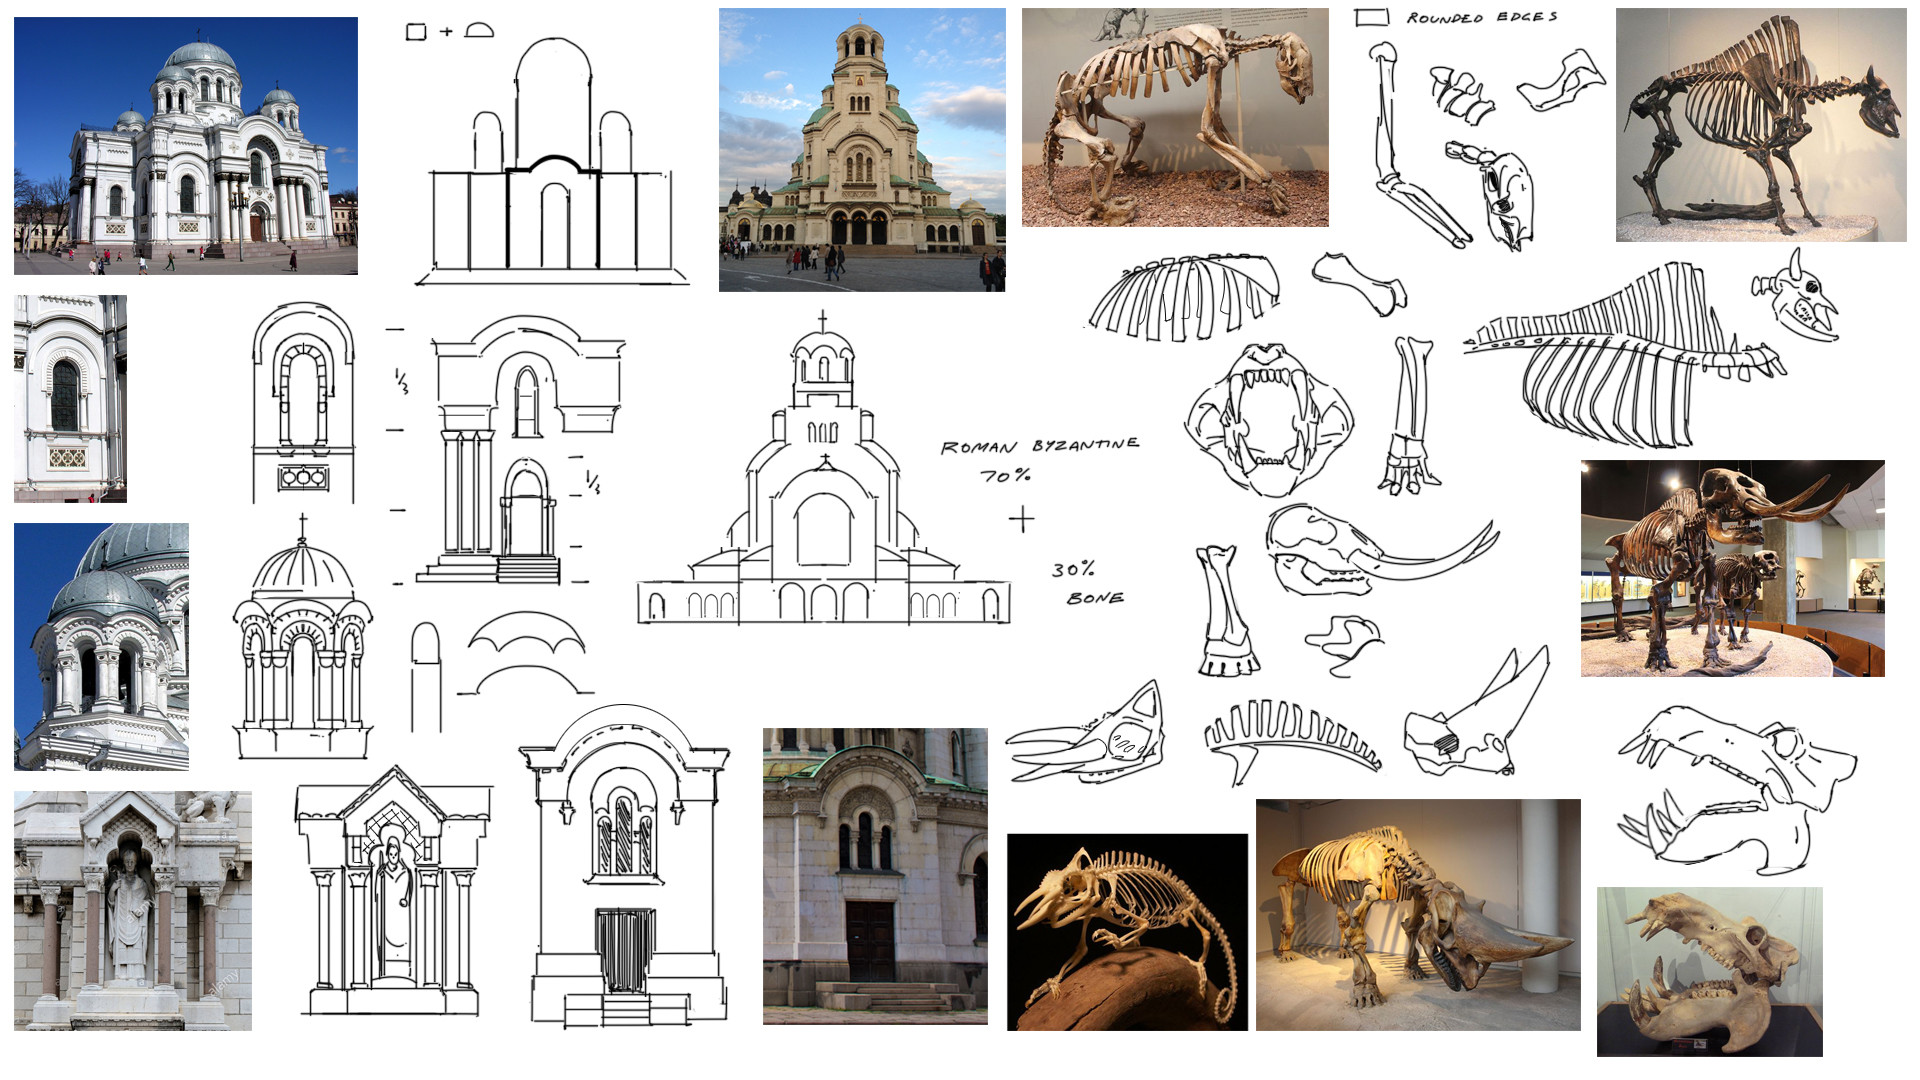 Nathan elmer arch neoromanbyzantine v001